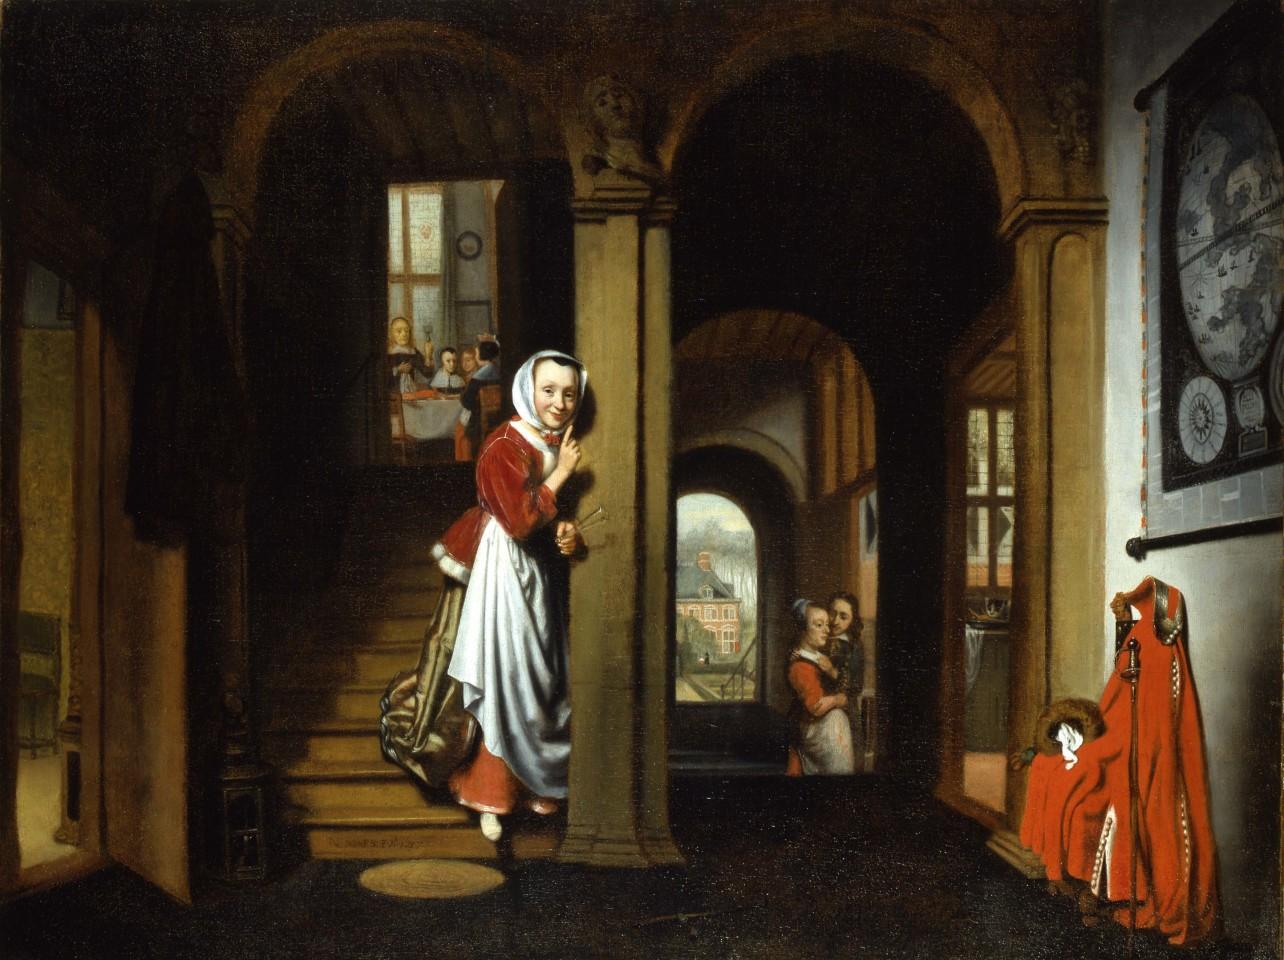 Николас Мас, Нидерланды, 1634−1693  (12).jpg